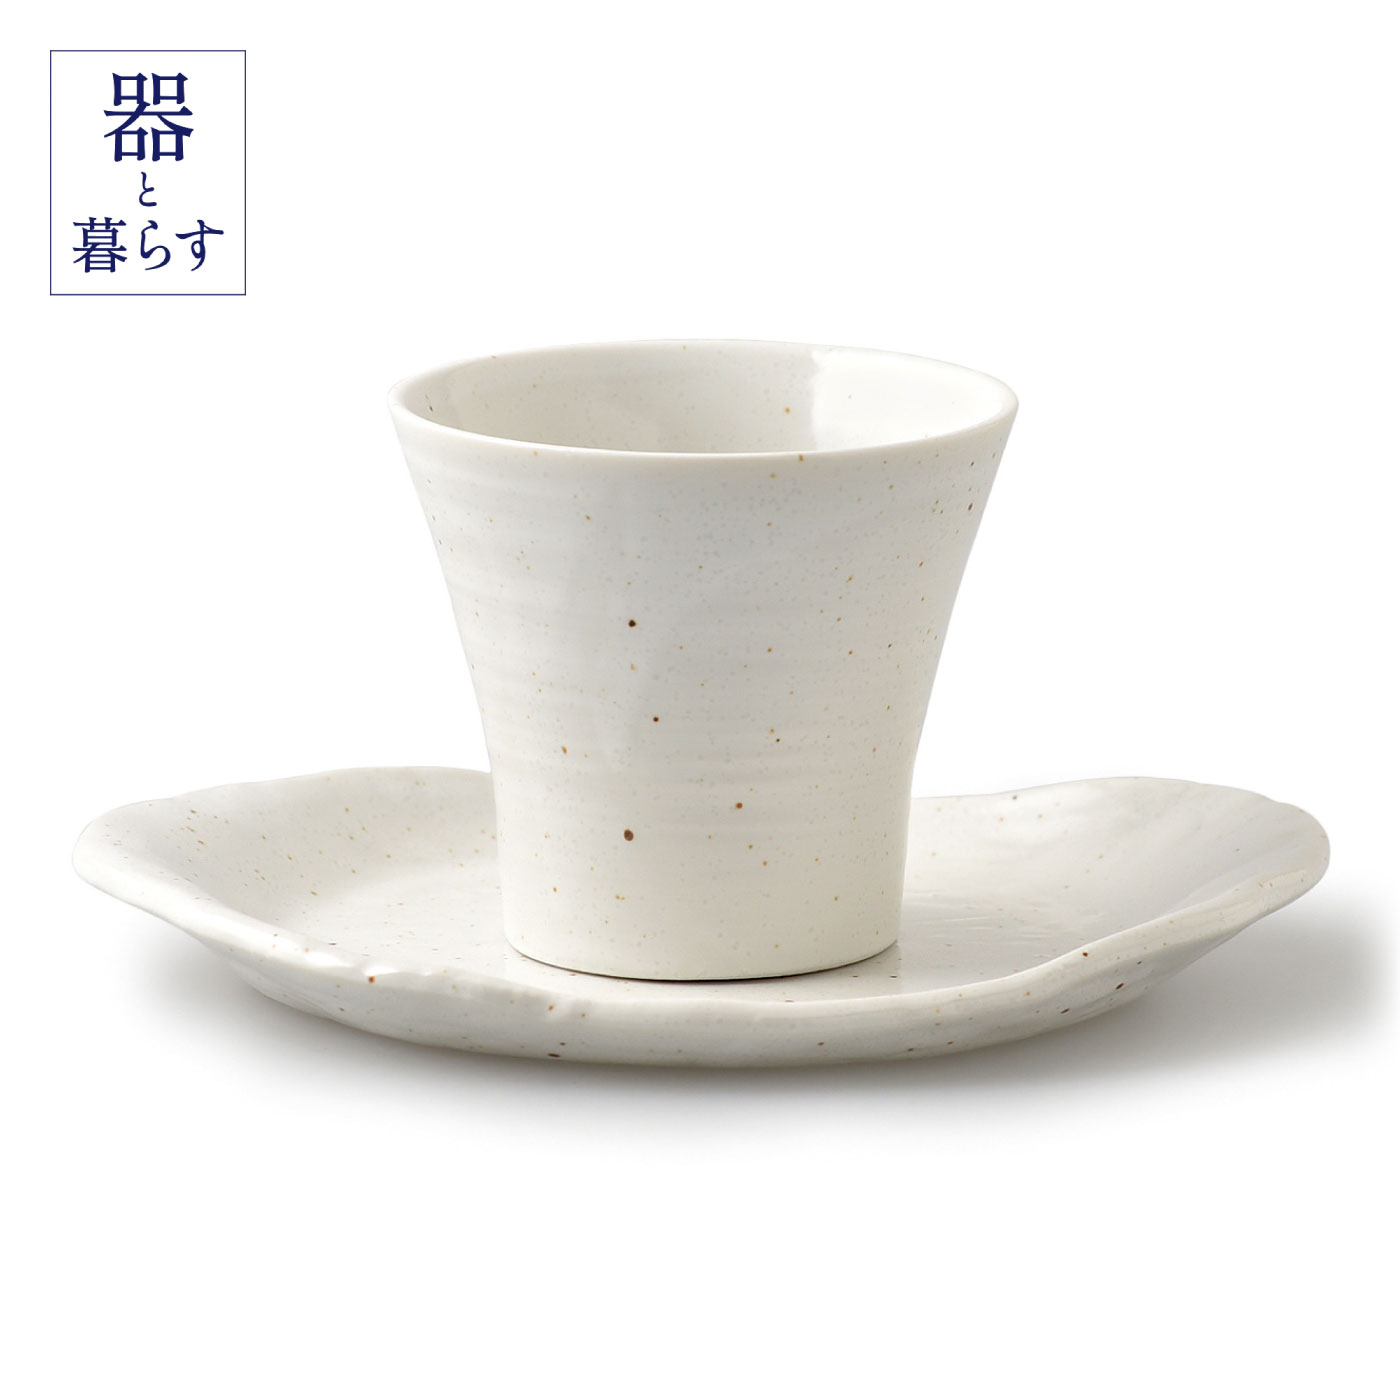 フェリシモ お茶菓子を添えて楽しめる 白備前 湯のみお皿セット